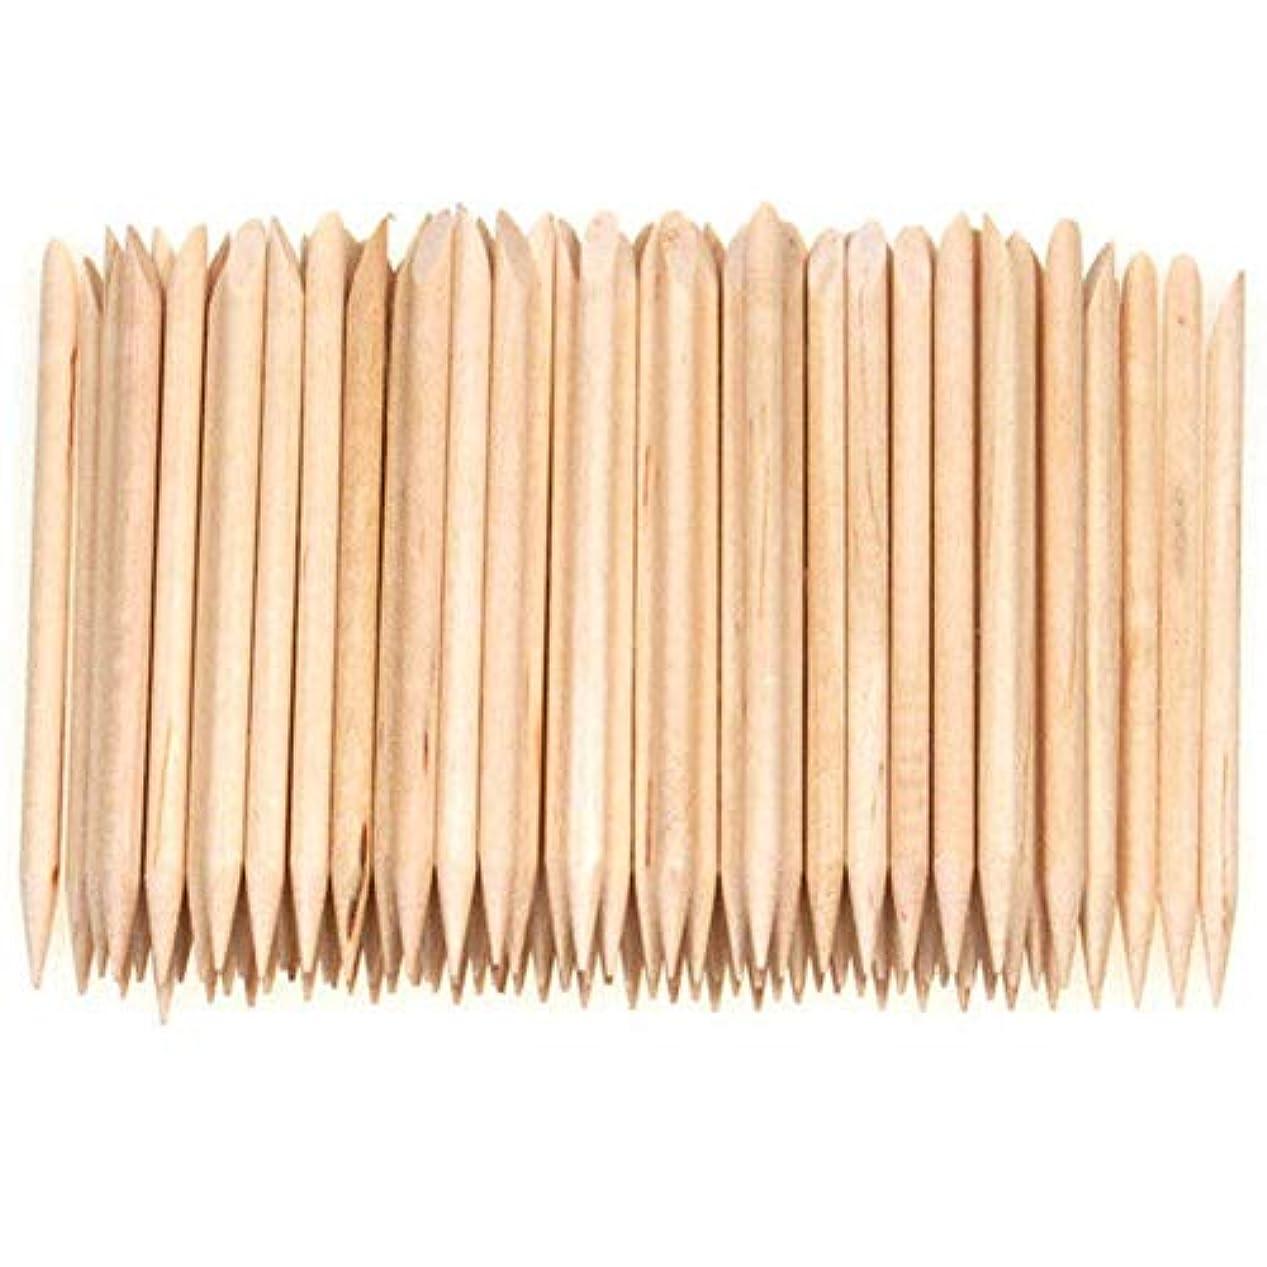 検出器純度マザーランドGaoominy 100個ネイルアートデザイン木製の棒キューティクルプッシャーリムーバーマニキュアケア